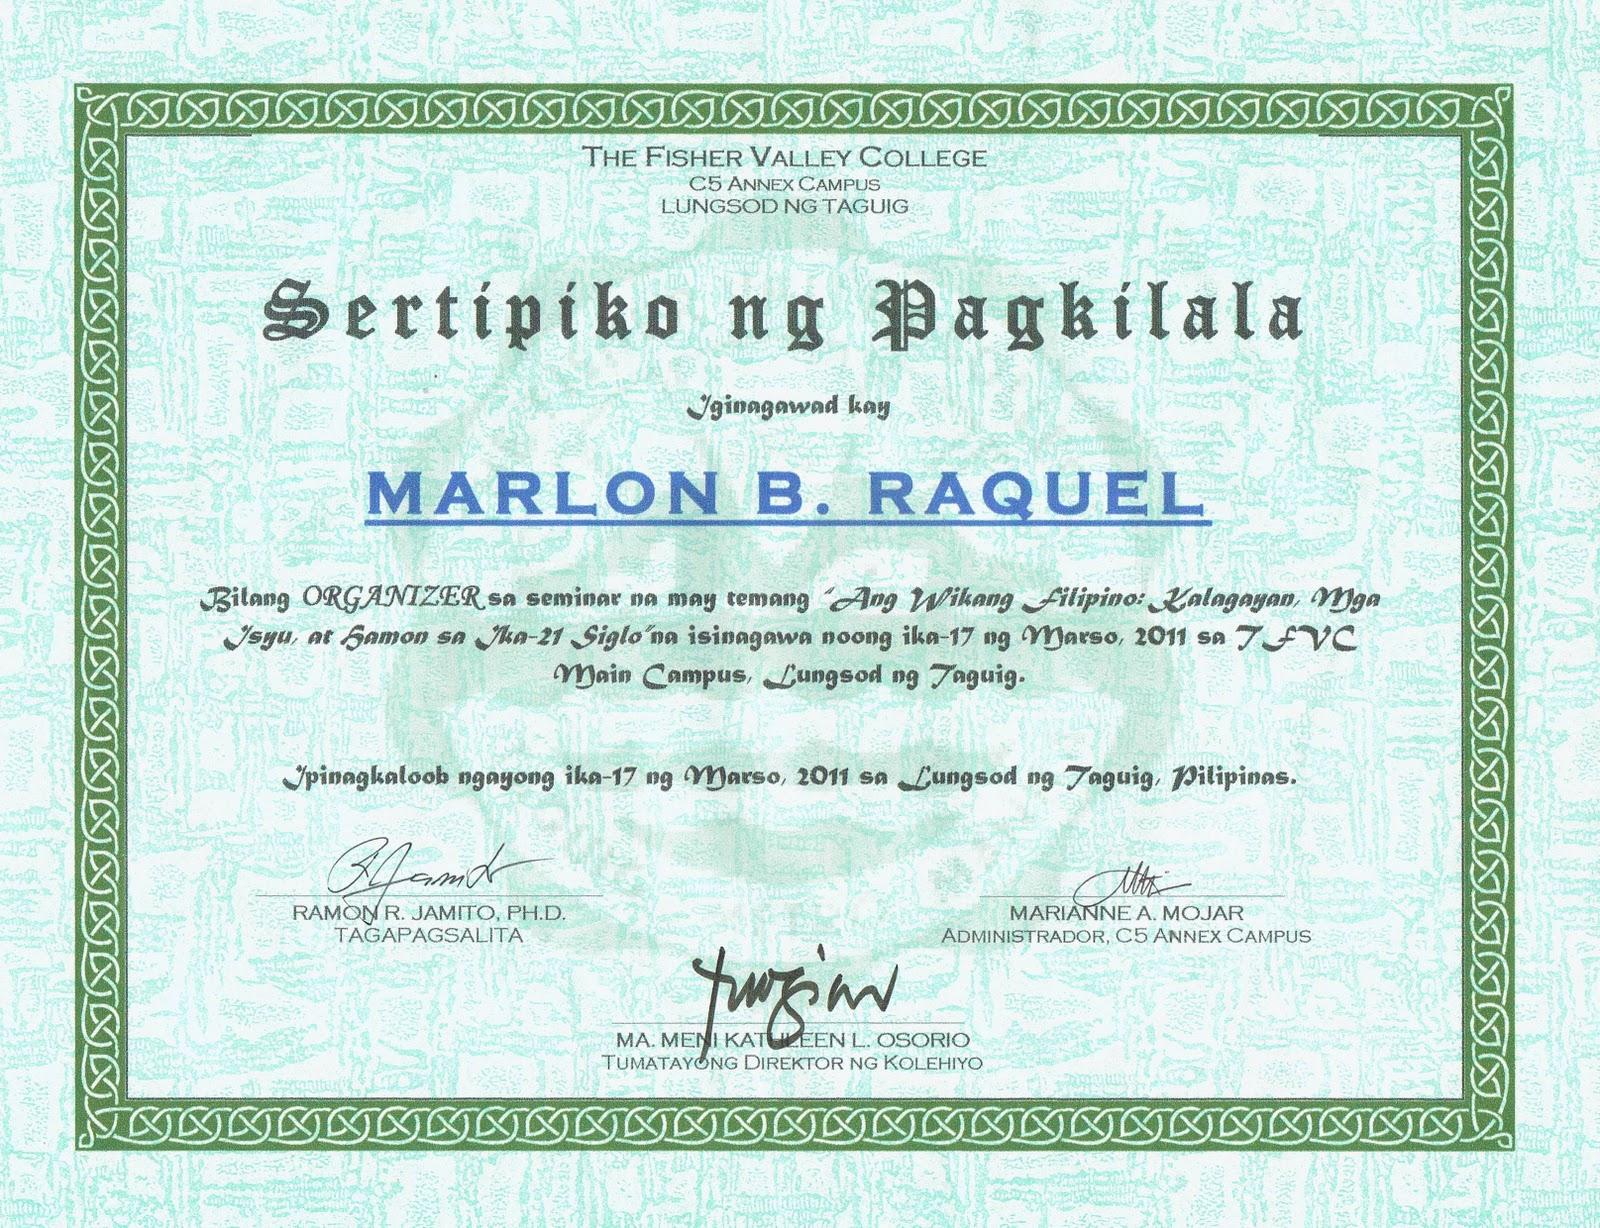 Mga Title Ng Thesis Sa Filipino Thejudgereport146 Web Fc2 Com